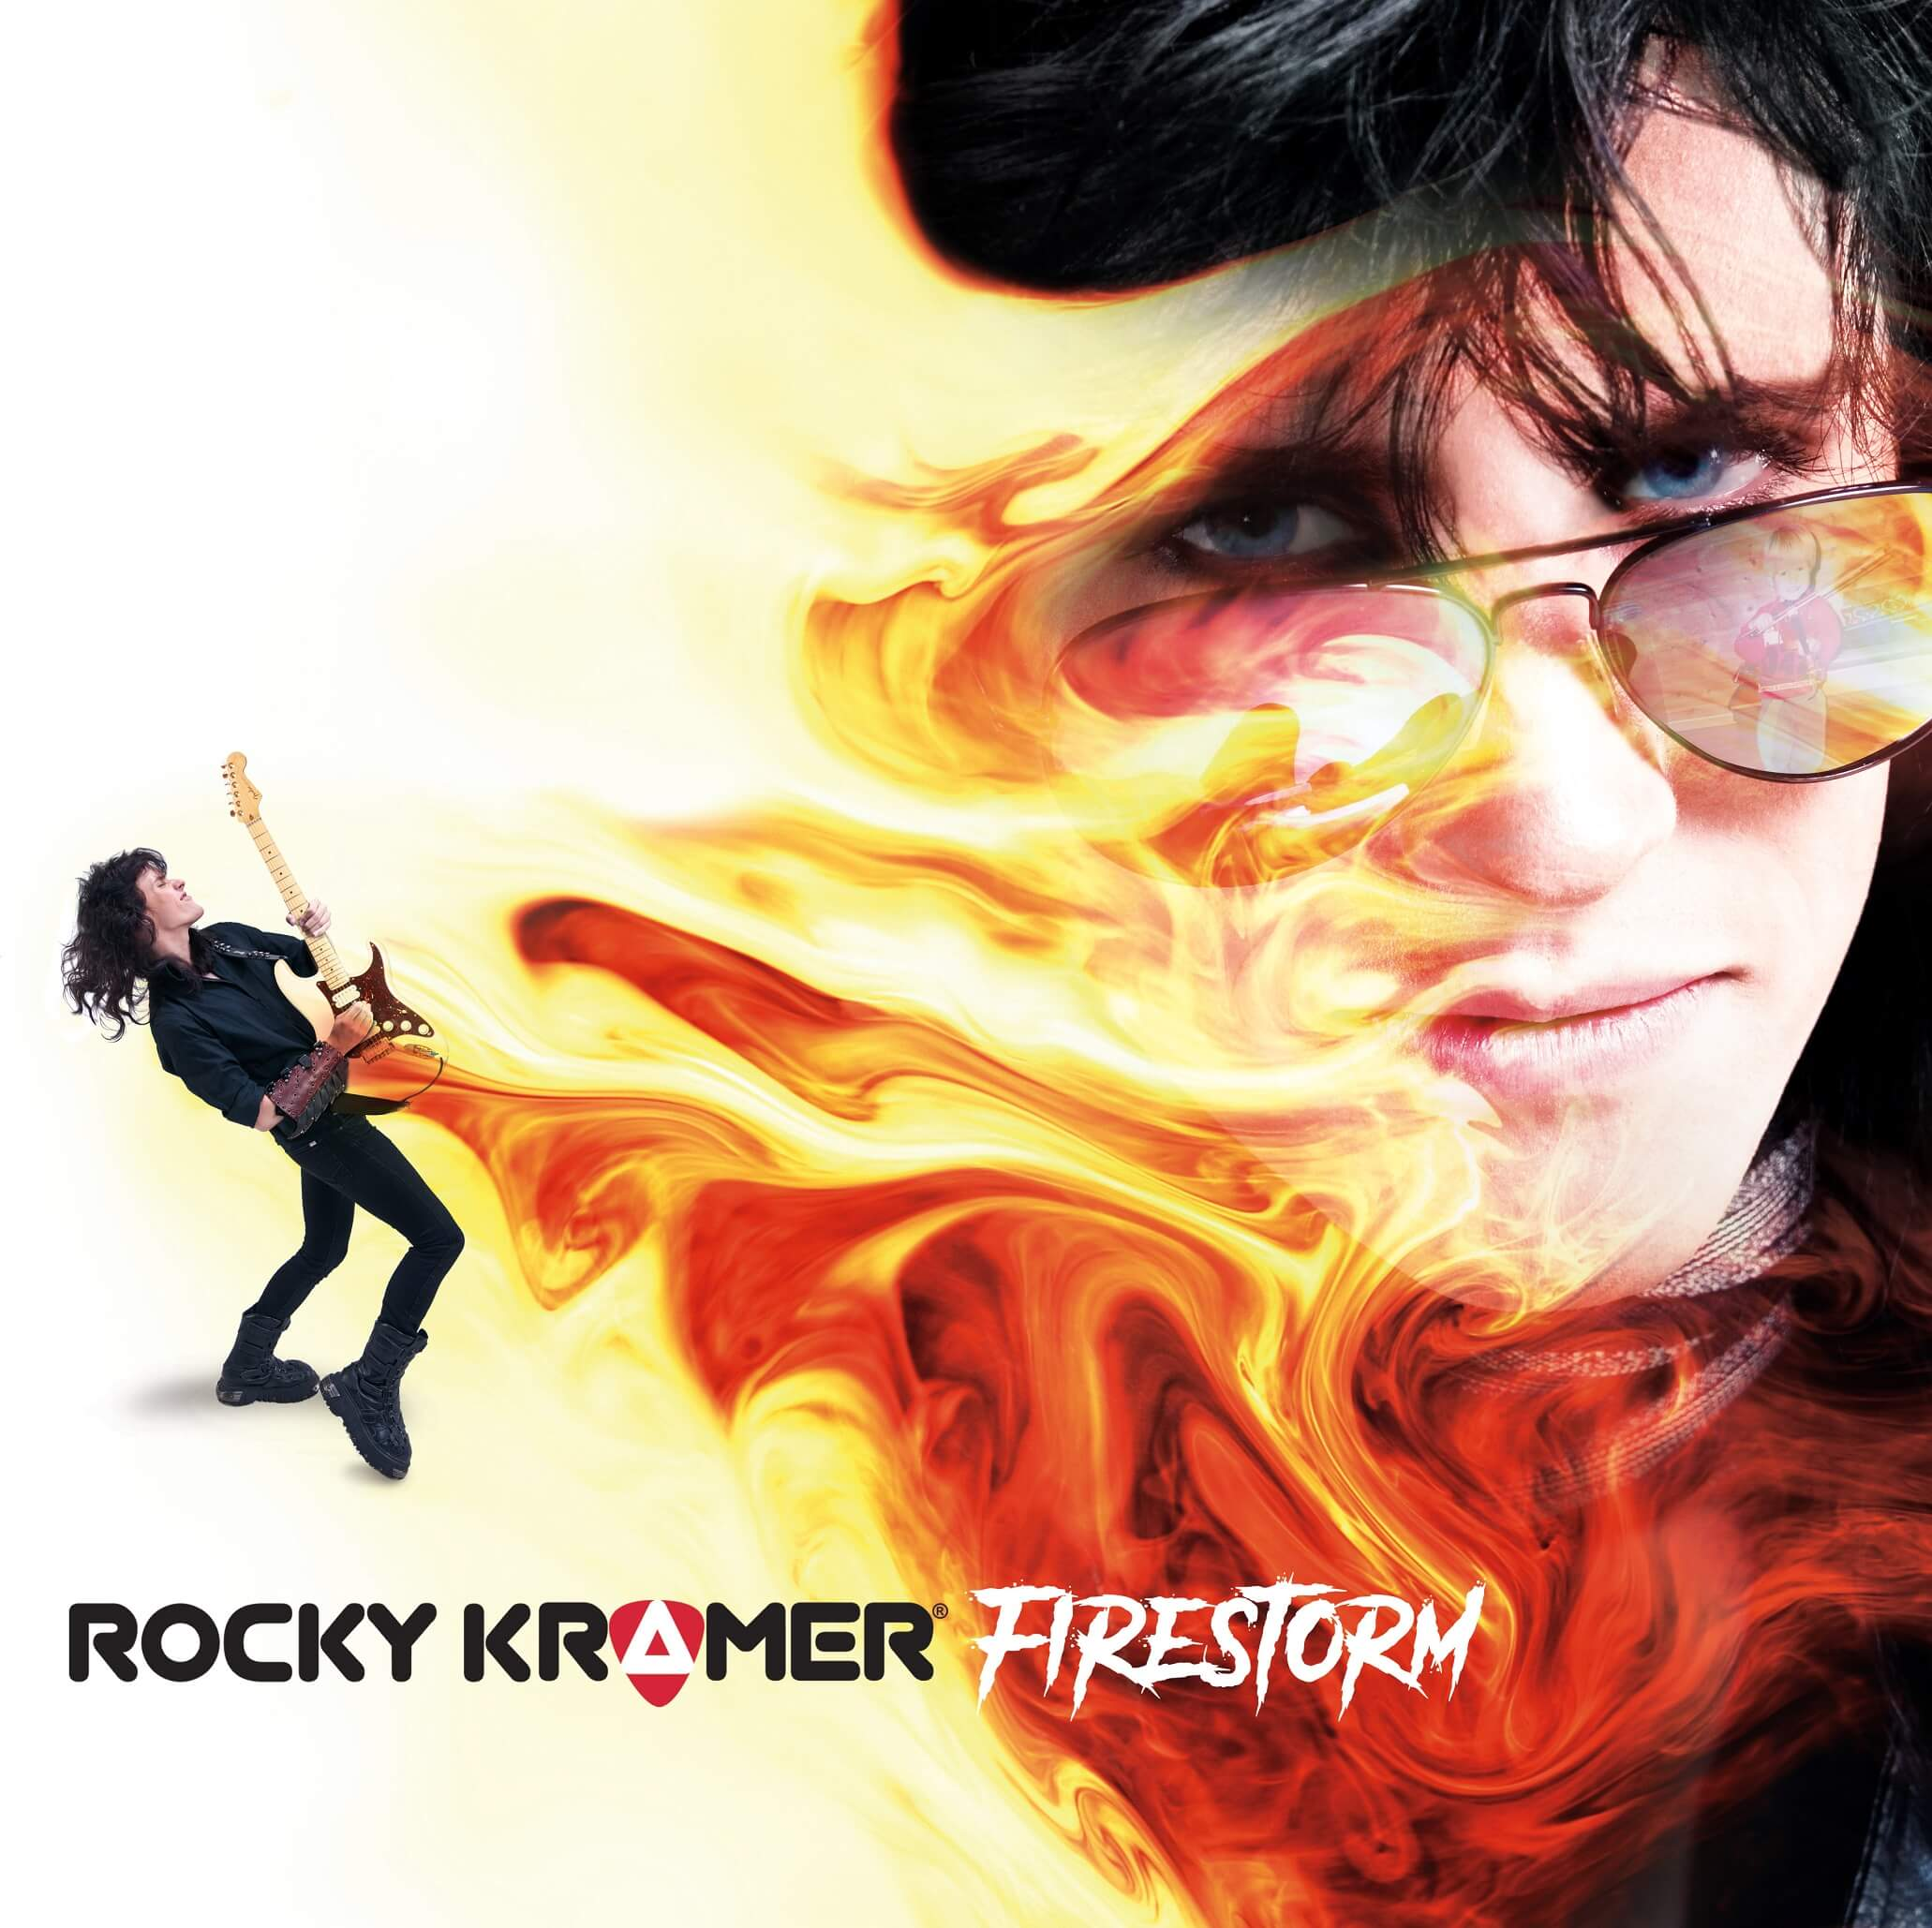 Rocky Kramer